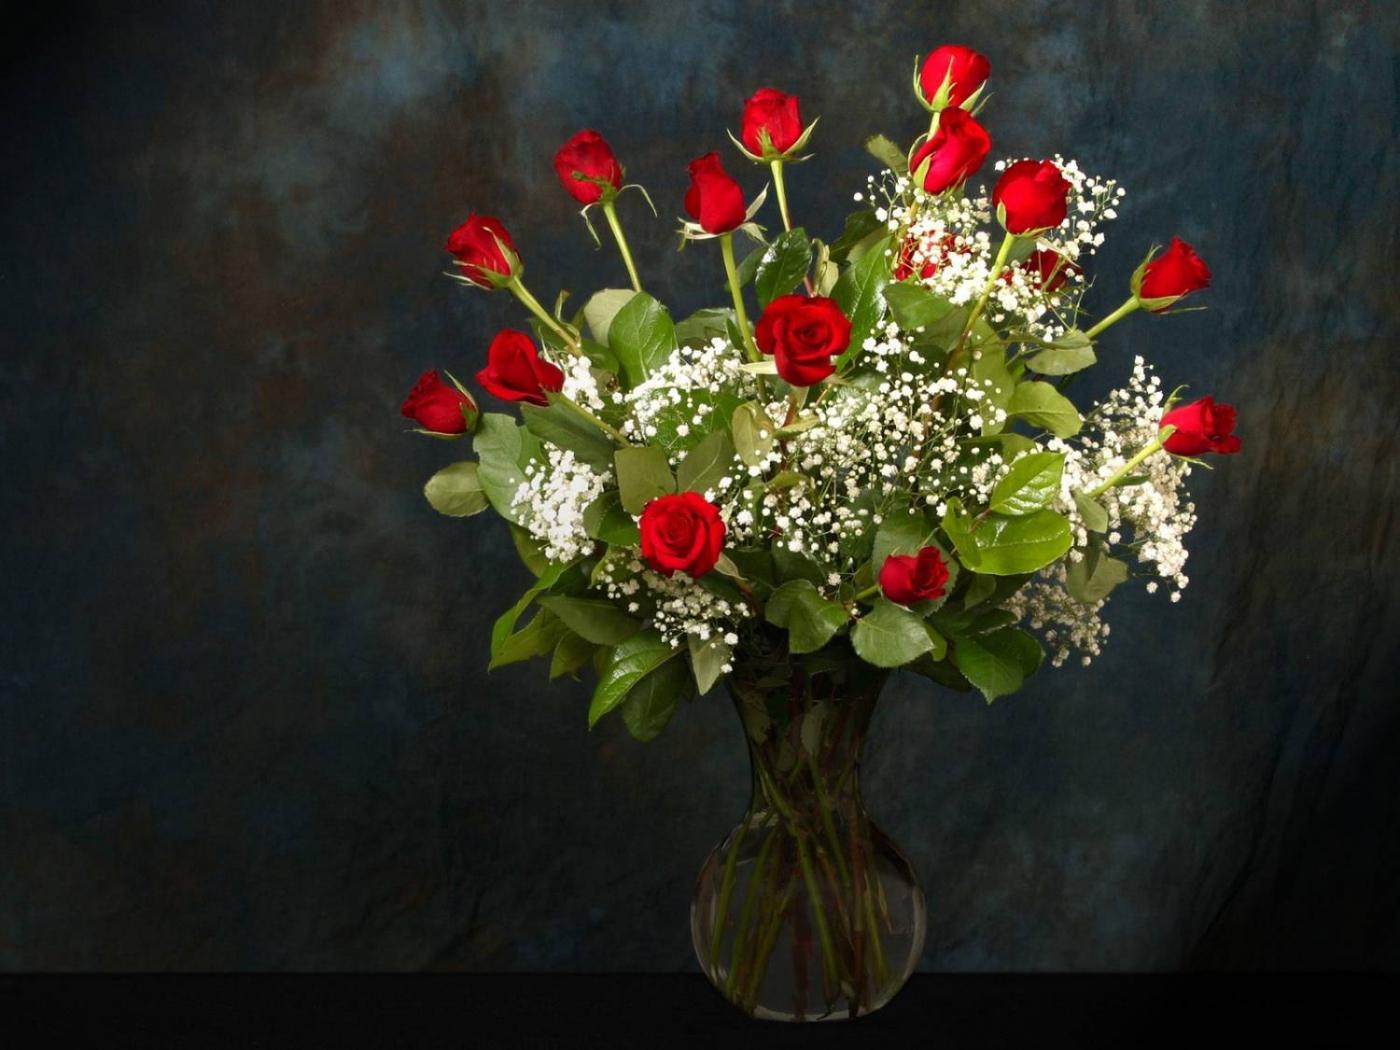 37074 скачать обои Растения, Цветы, Букеты - заставки и картинки бесплатно